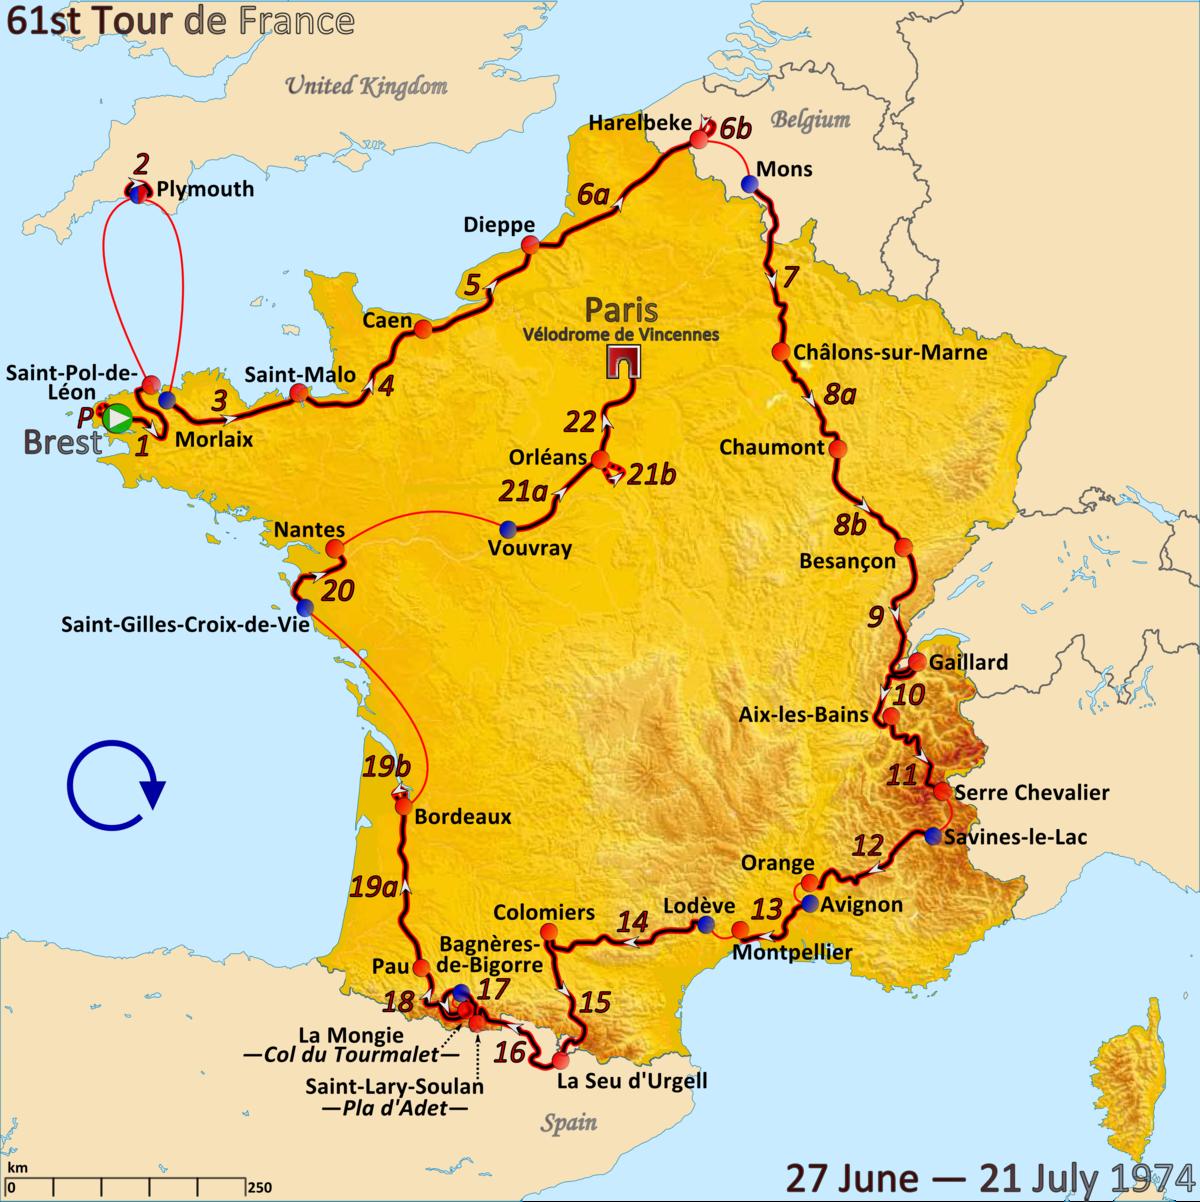 1974 Tour de France